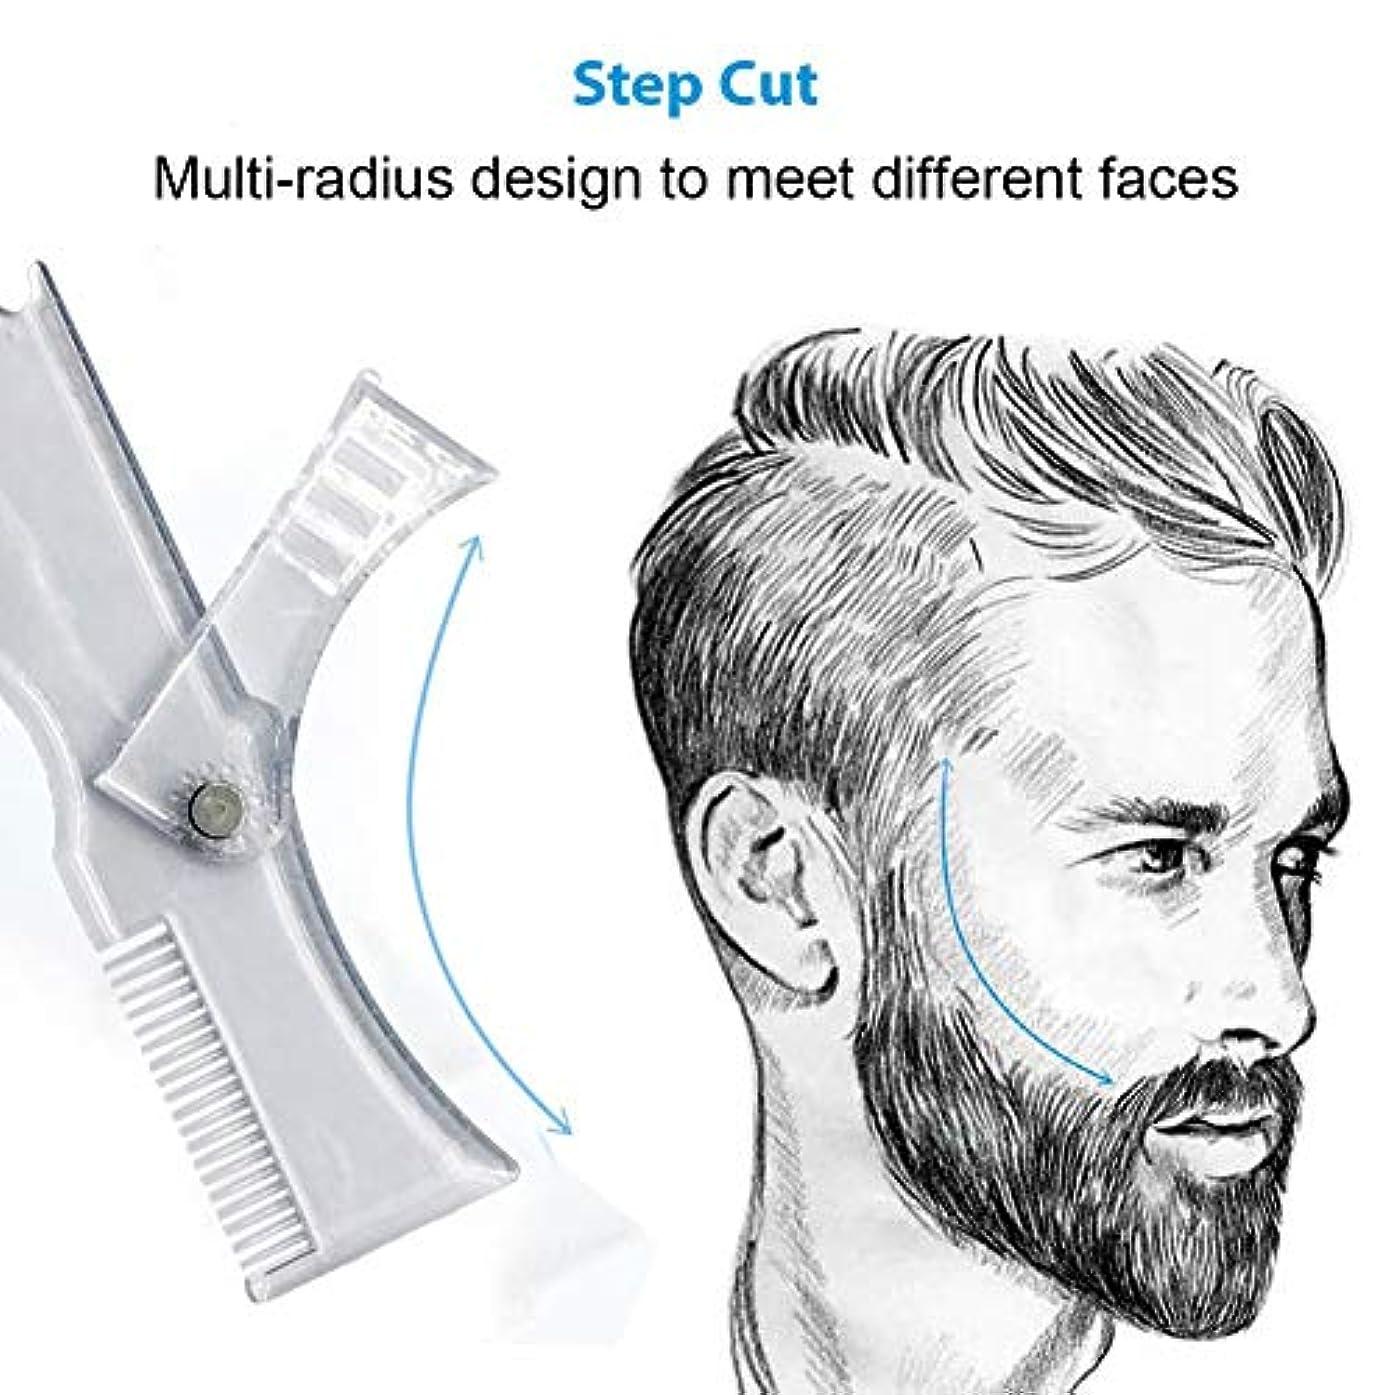 バングラデシュ締め切りめるACHICOO ひげ櫛 回転 ひげ ブラシ 形状テンプレート 櫛 調整可能 スタイリング 角度 モデリング 理髪ツール 男性 メンズ